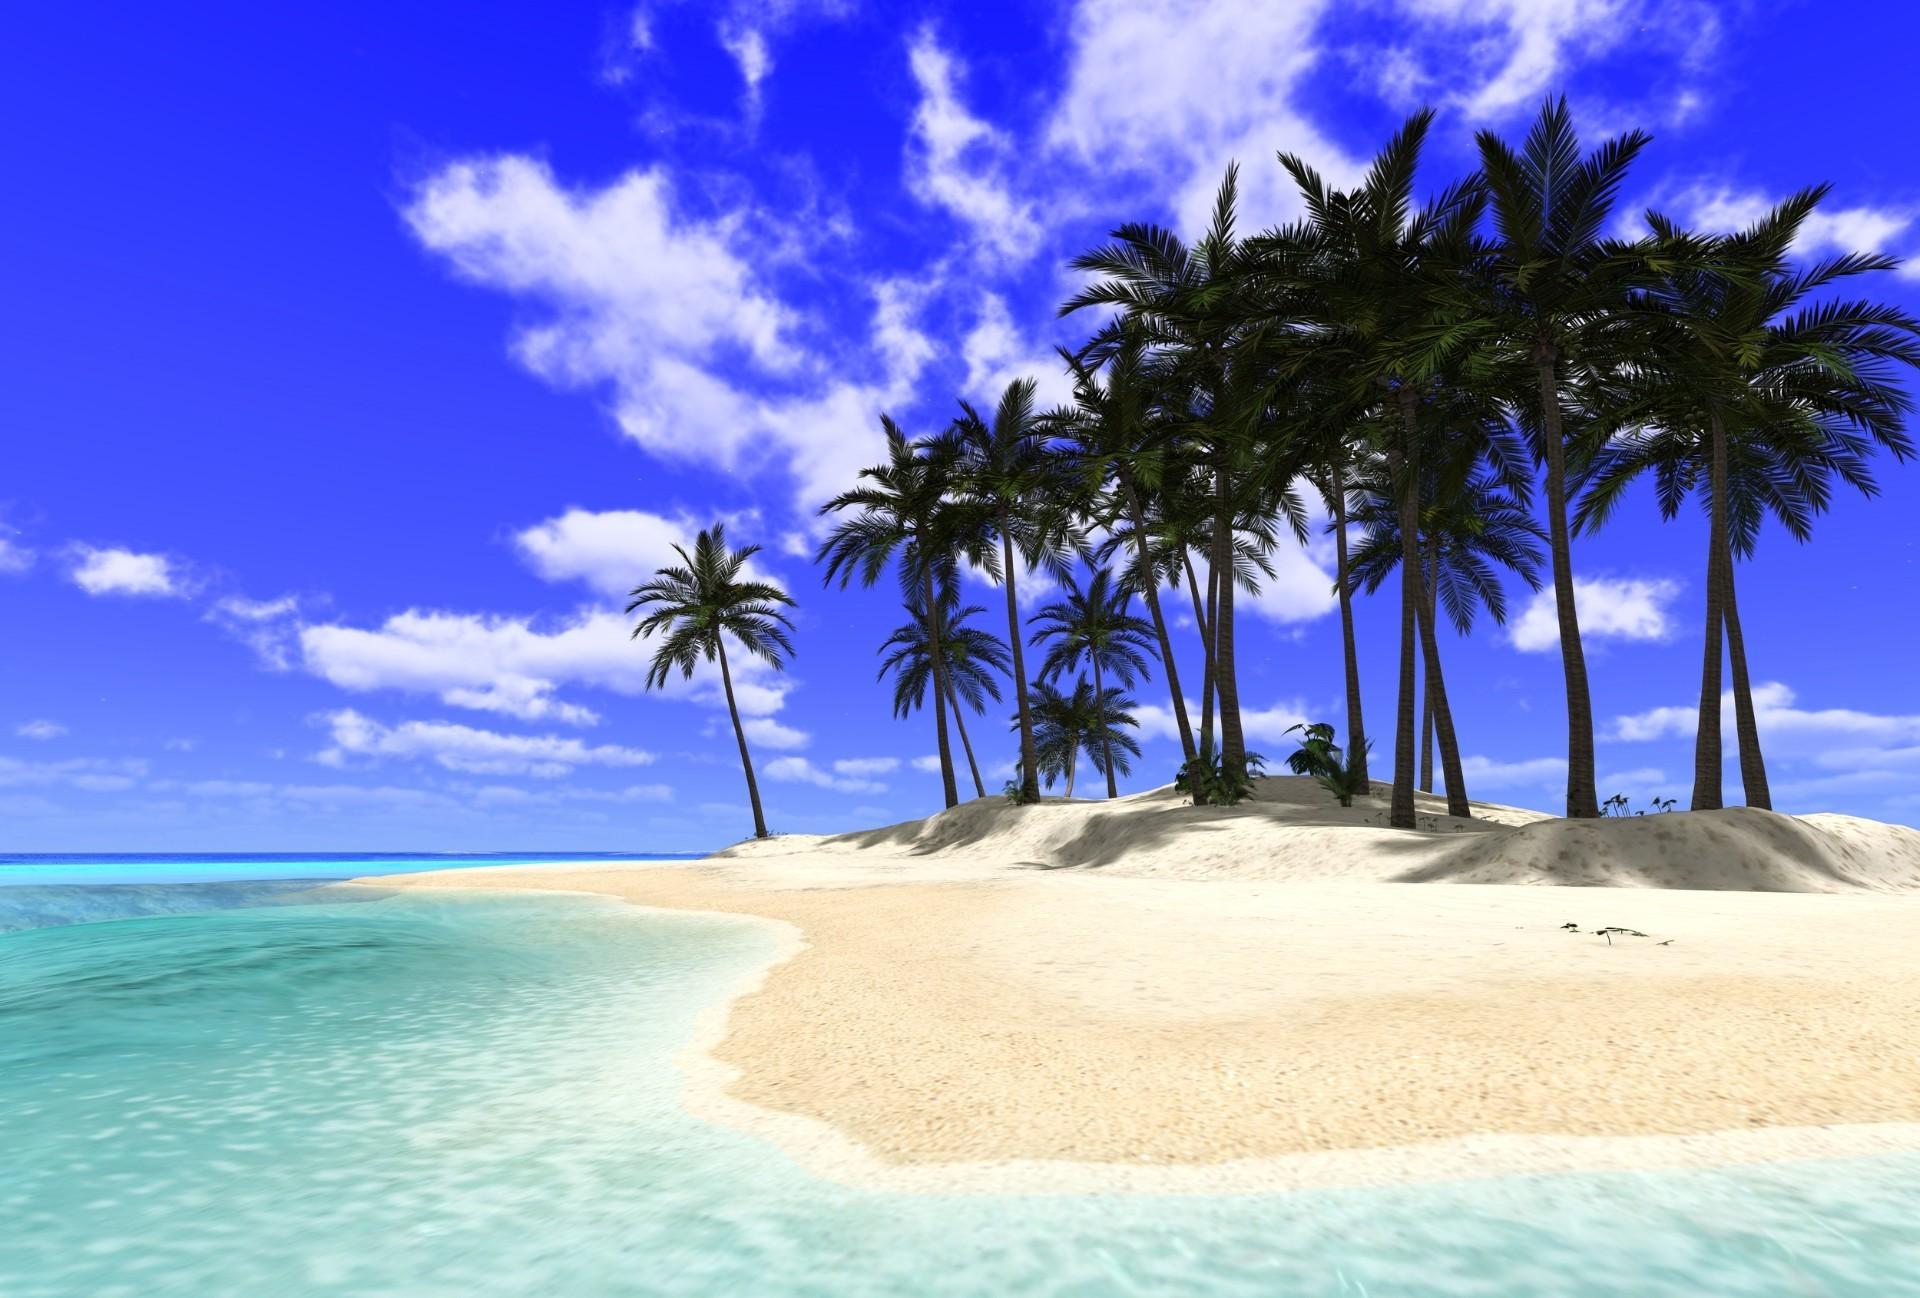 картинки на рабочий стол пальмы и острова